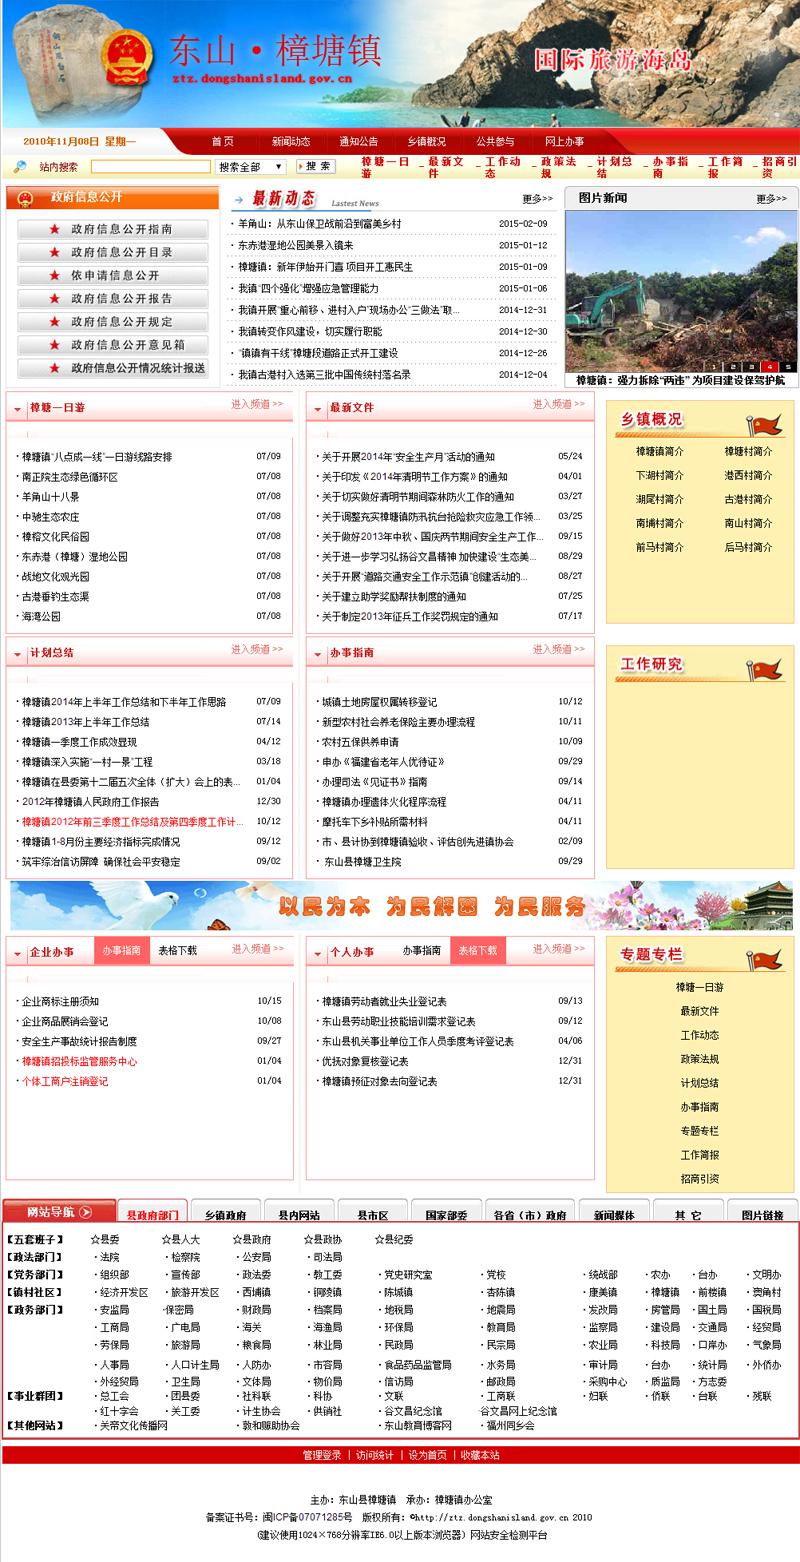 东山·樟塘镇网站设立了新闻动态,通知公告,乡镇概况,公众参与,网上